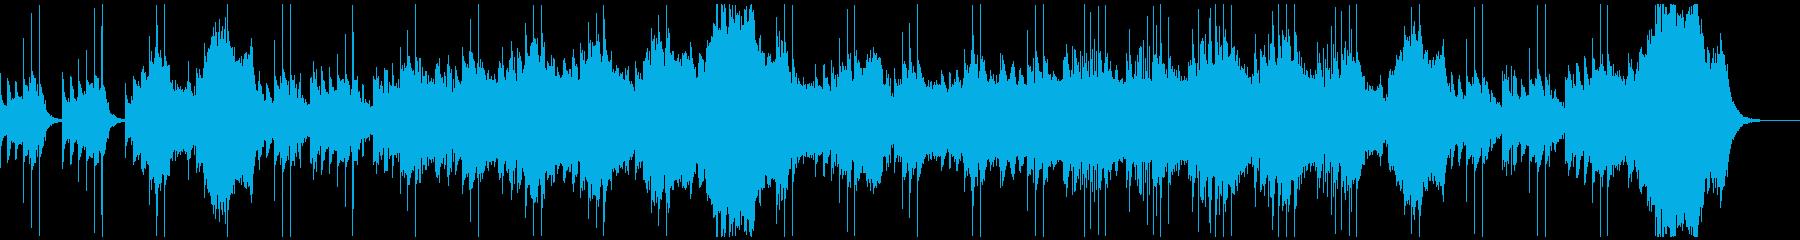 不気味に歪んだレトロな電子音のホラーの再生済みの波形